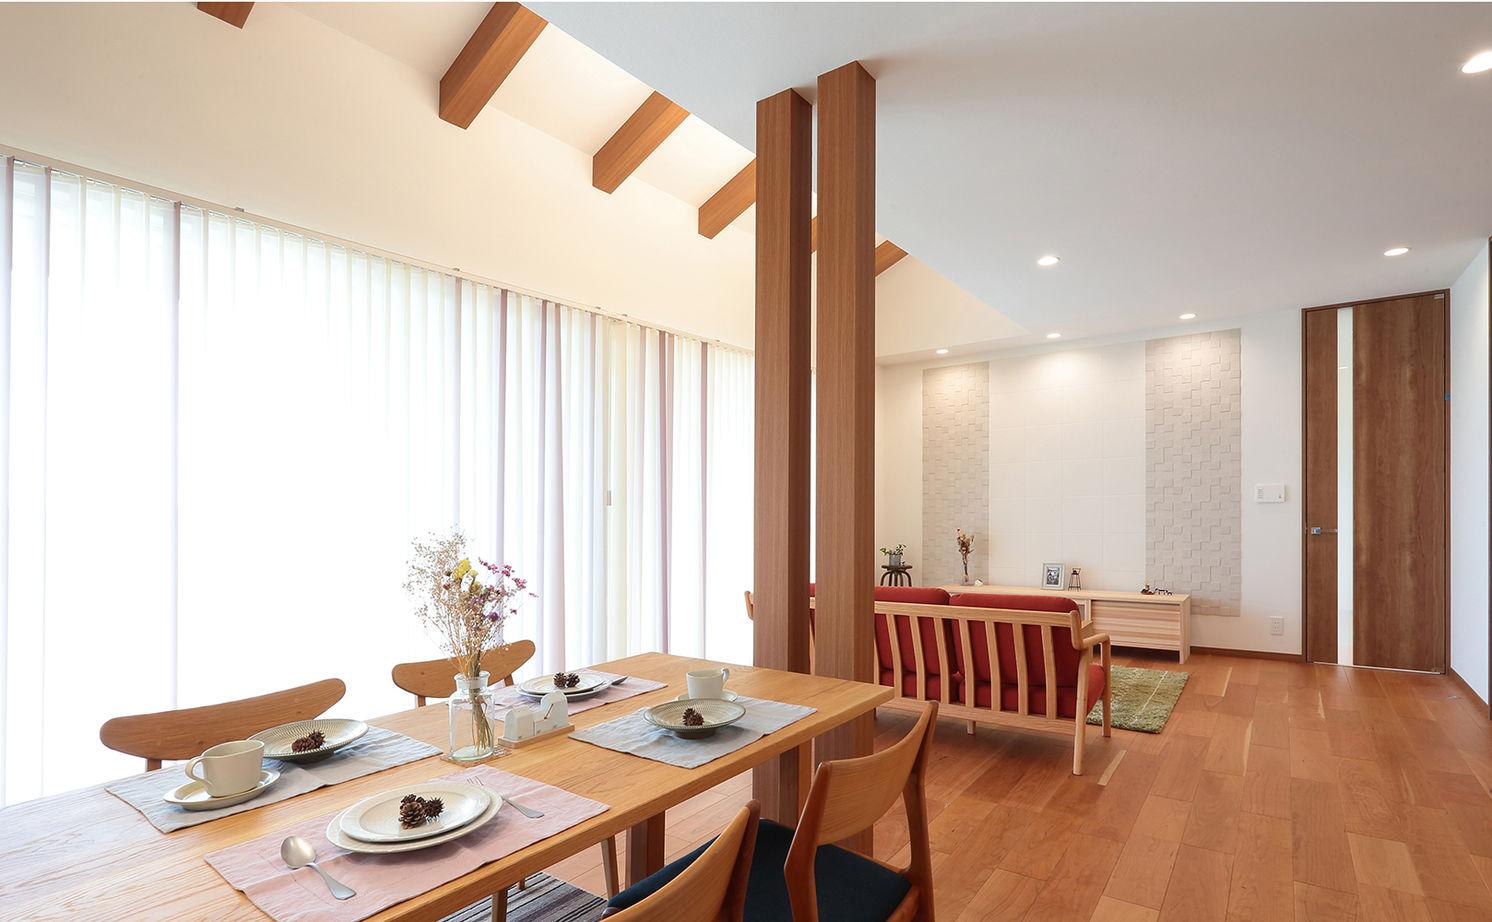 【建物本体価格2000万円台/間取り図あり】平屋の快適動線が住み心地いい、遊び心溢れるオンリーワンの家画像3